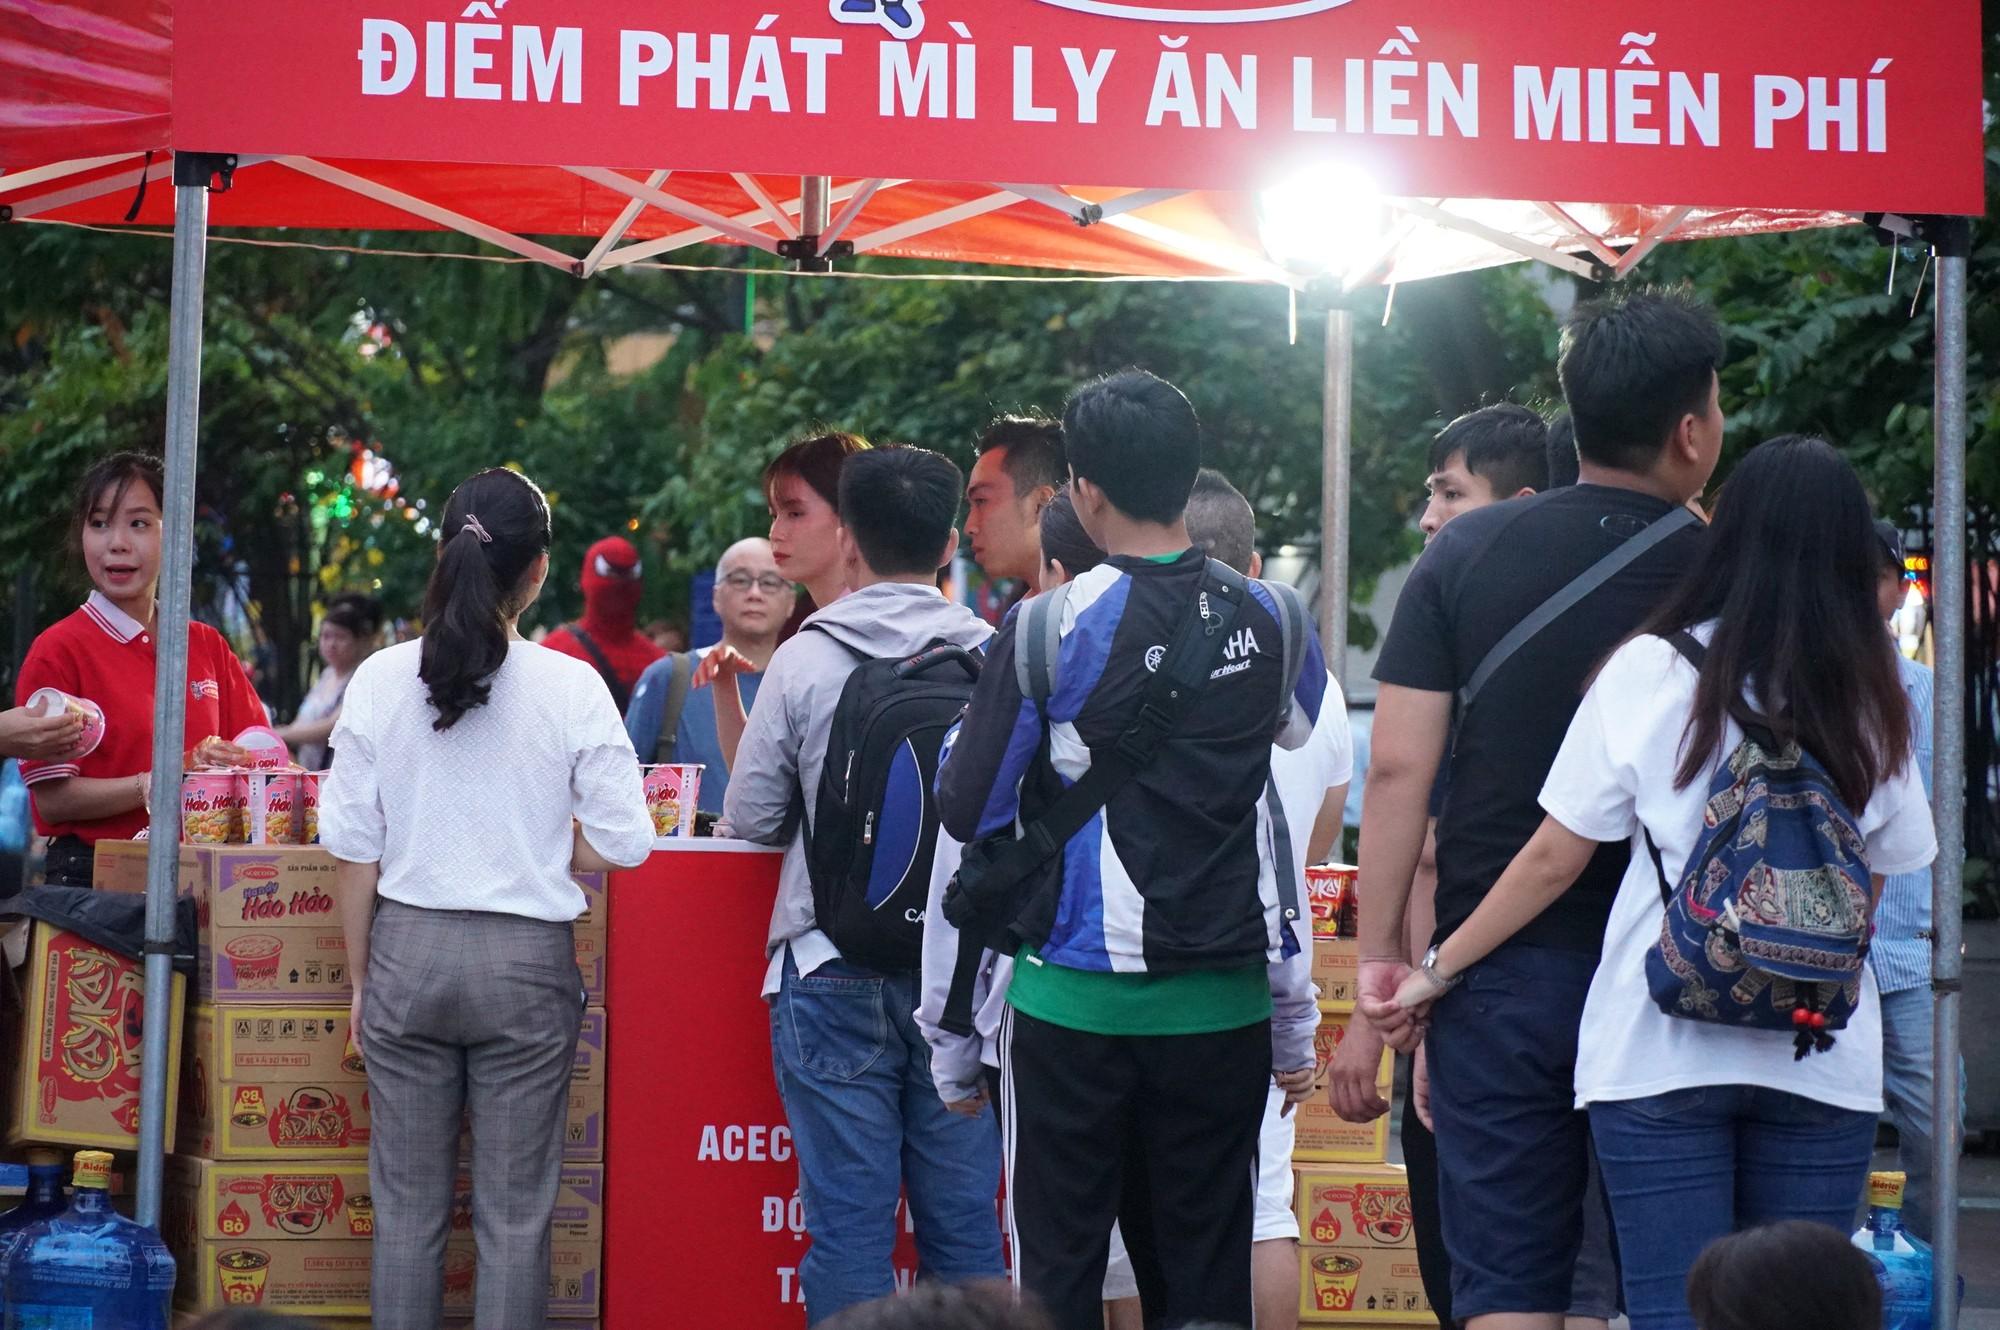 Khách Tây ở Sài Gòn xuống phố đi bộ Nguyễn Huệ tiếp lửa cho thầy trò HLV Park Hang-seo tranh ngôi vương Kings Cup  - Ảnh 15.